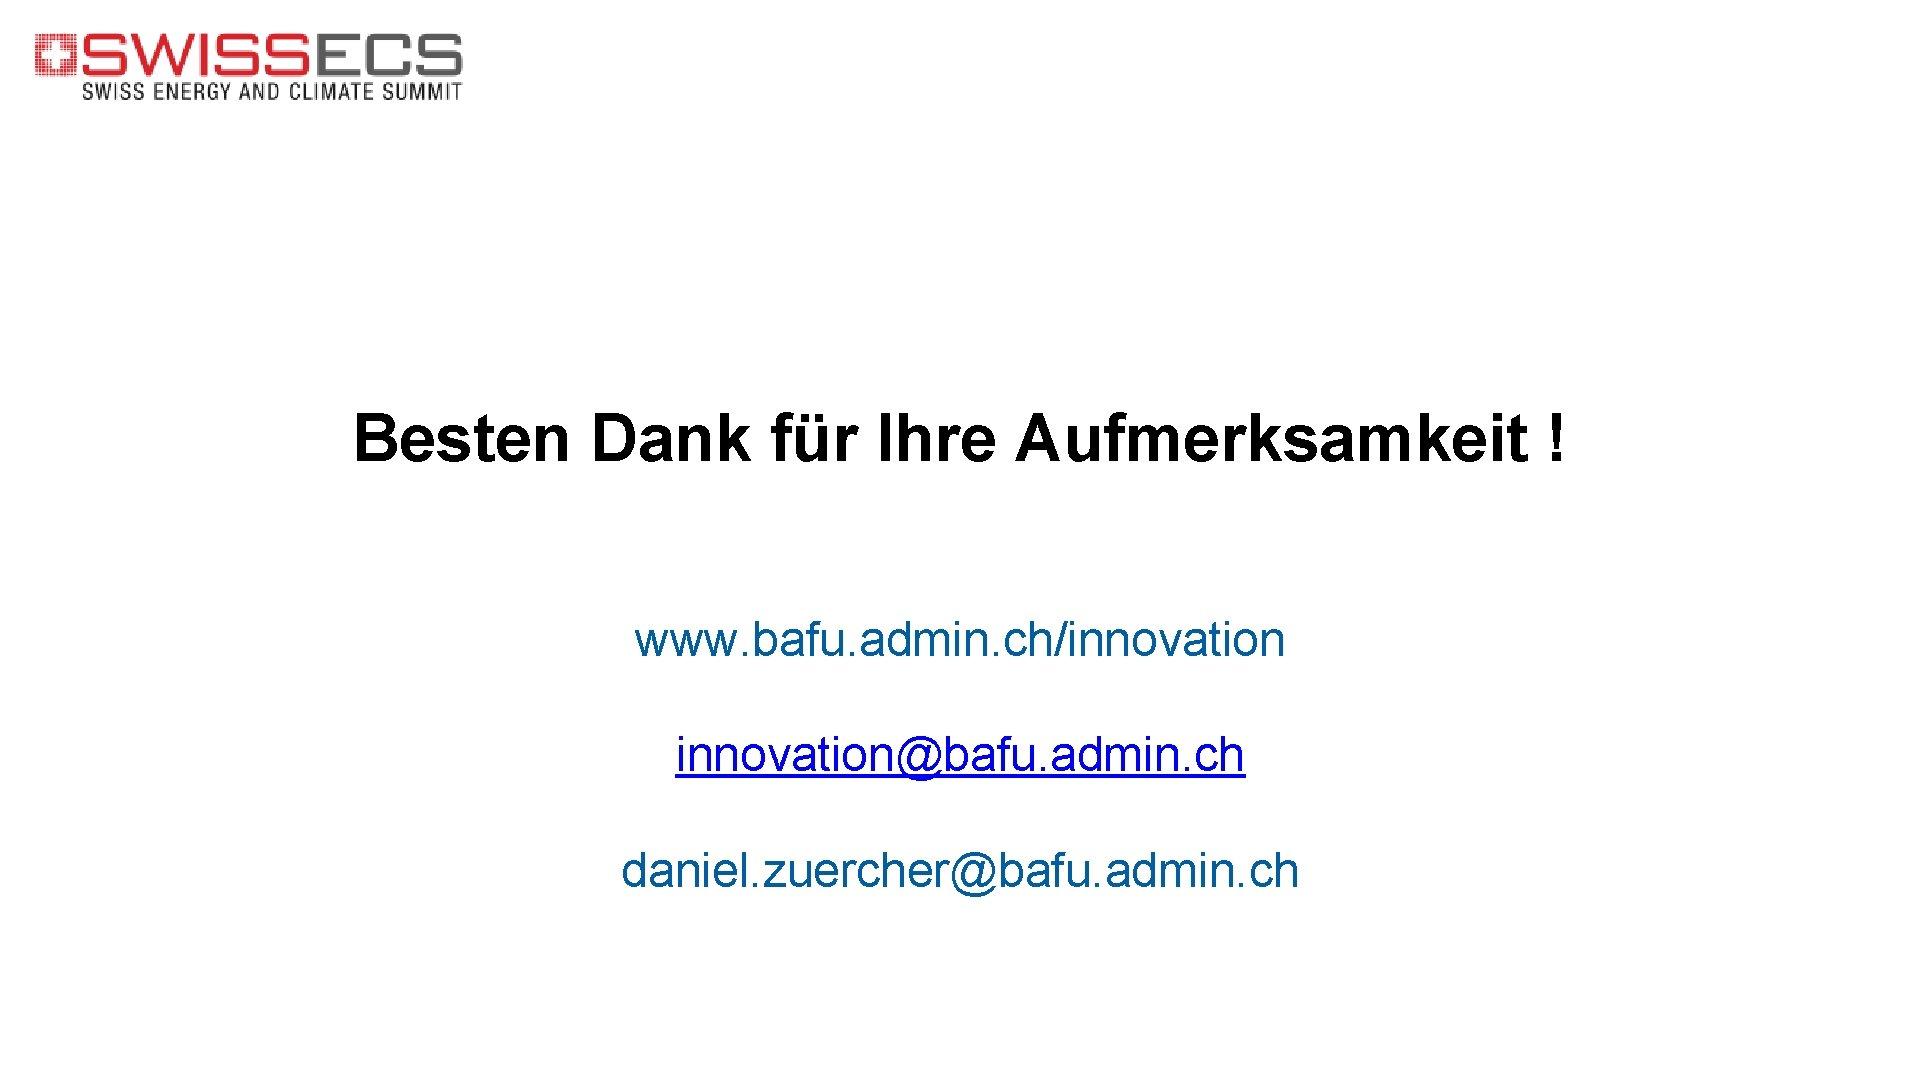 Besten Dank für Ihre Aufmerksamkeit ! www. bafu. admin. ch/innovation@bafu. admin. ch daniel. zuercher@bafu.